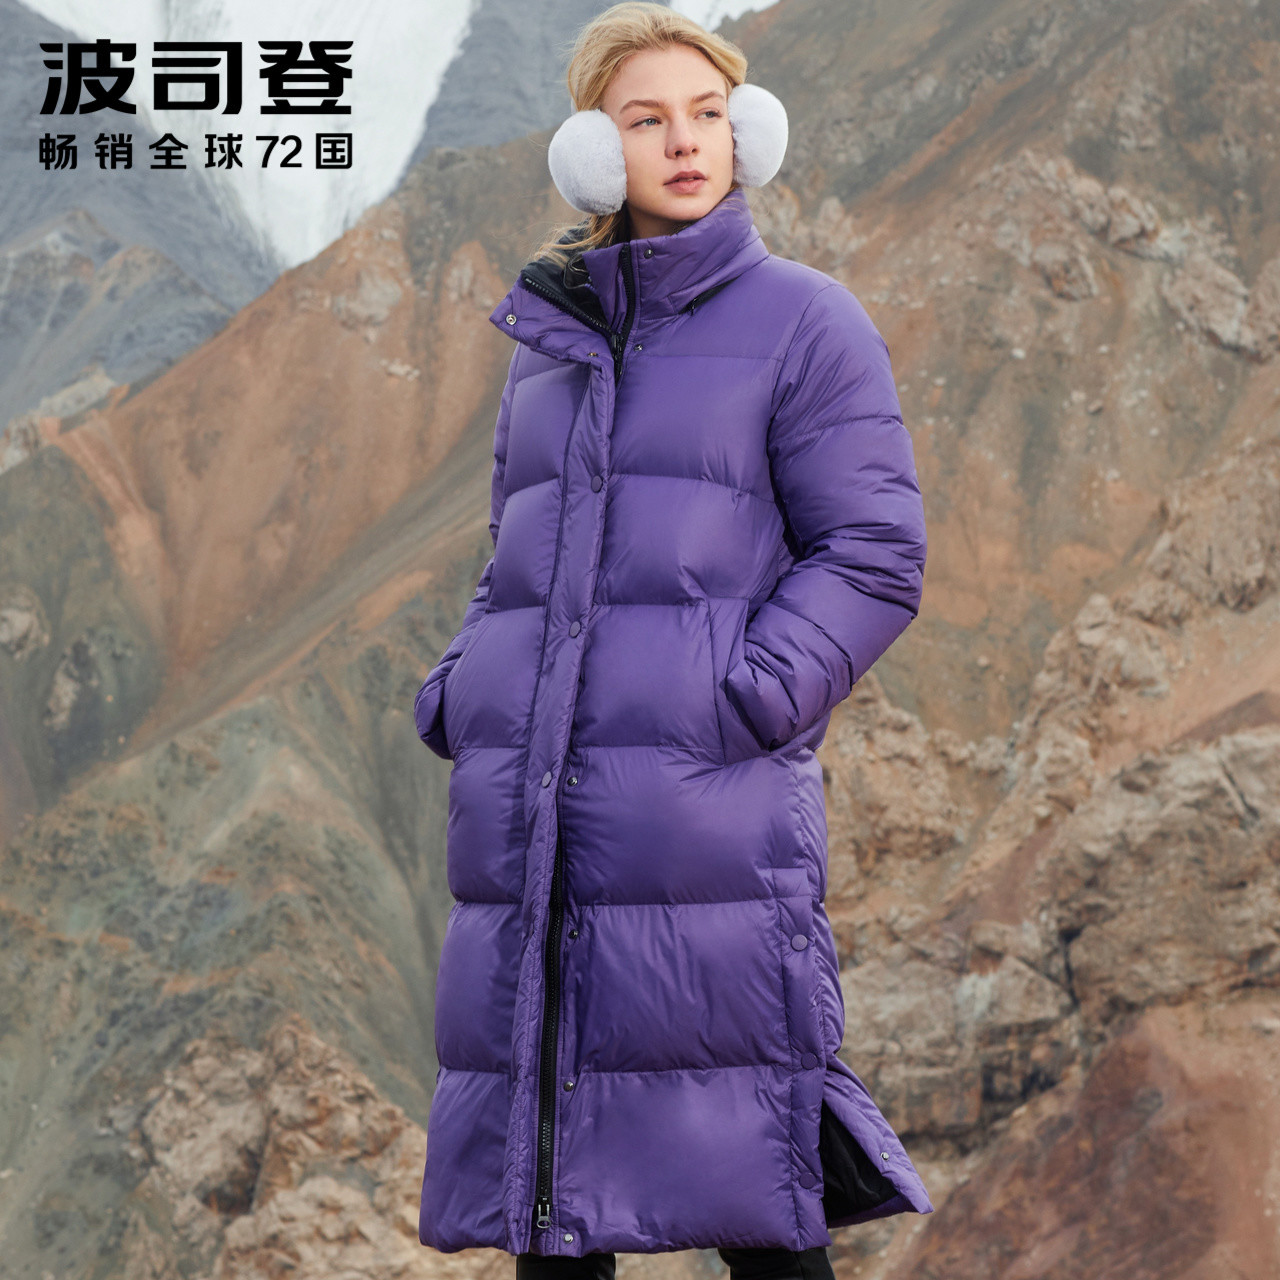 波司登羽绒服女2018新款厚款长款立领鹅绒PUFF膨胀系列B80141116